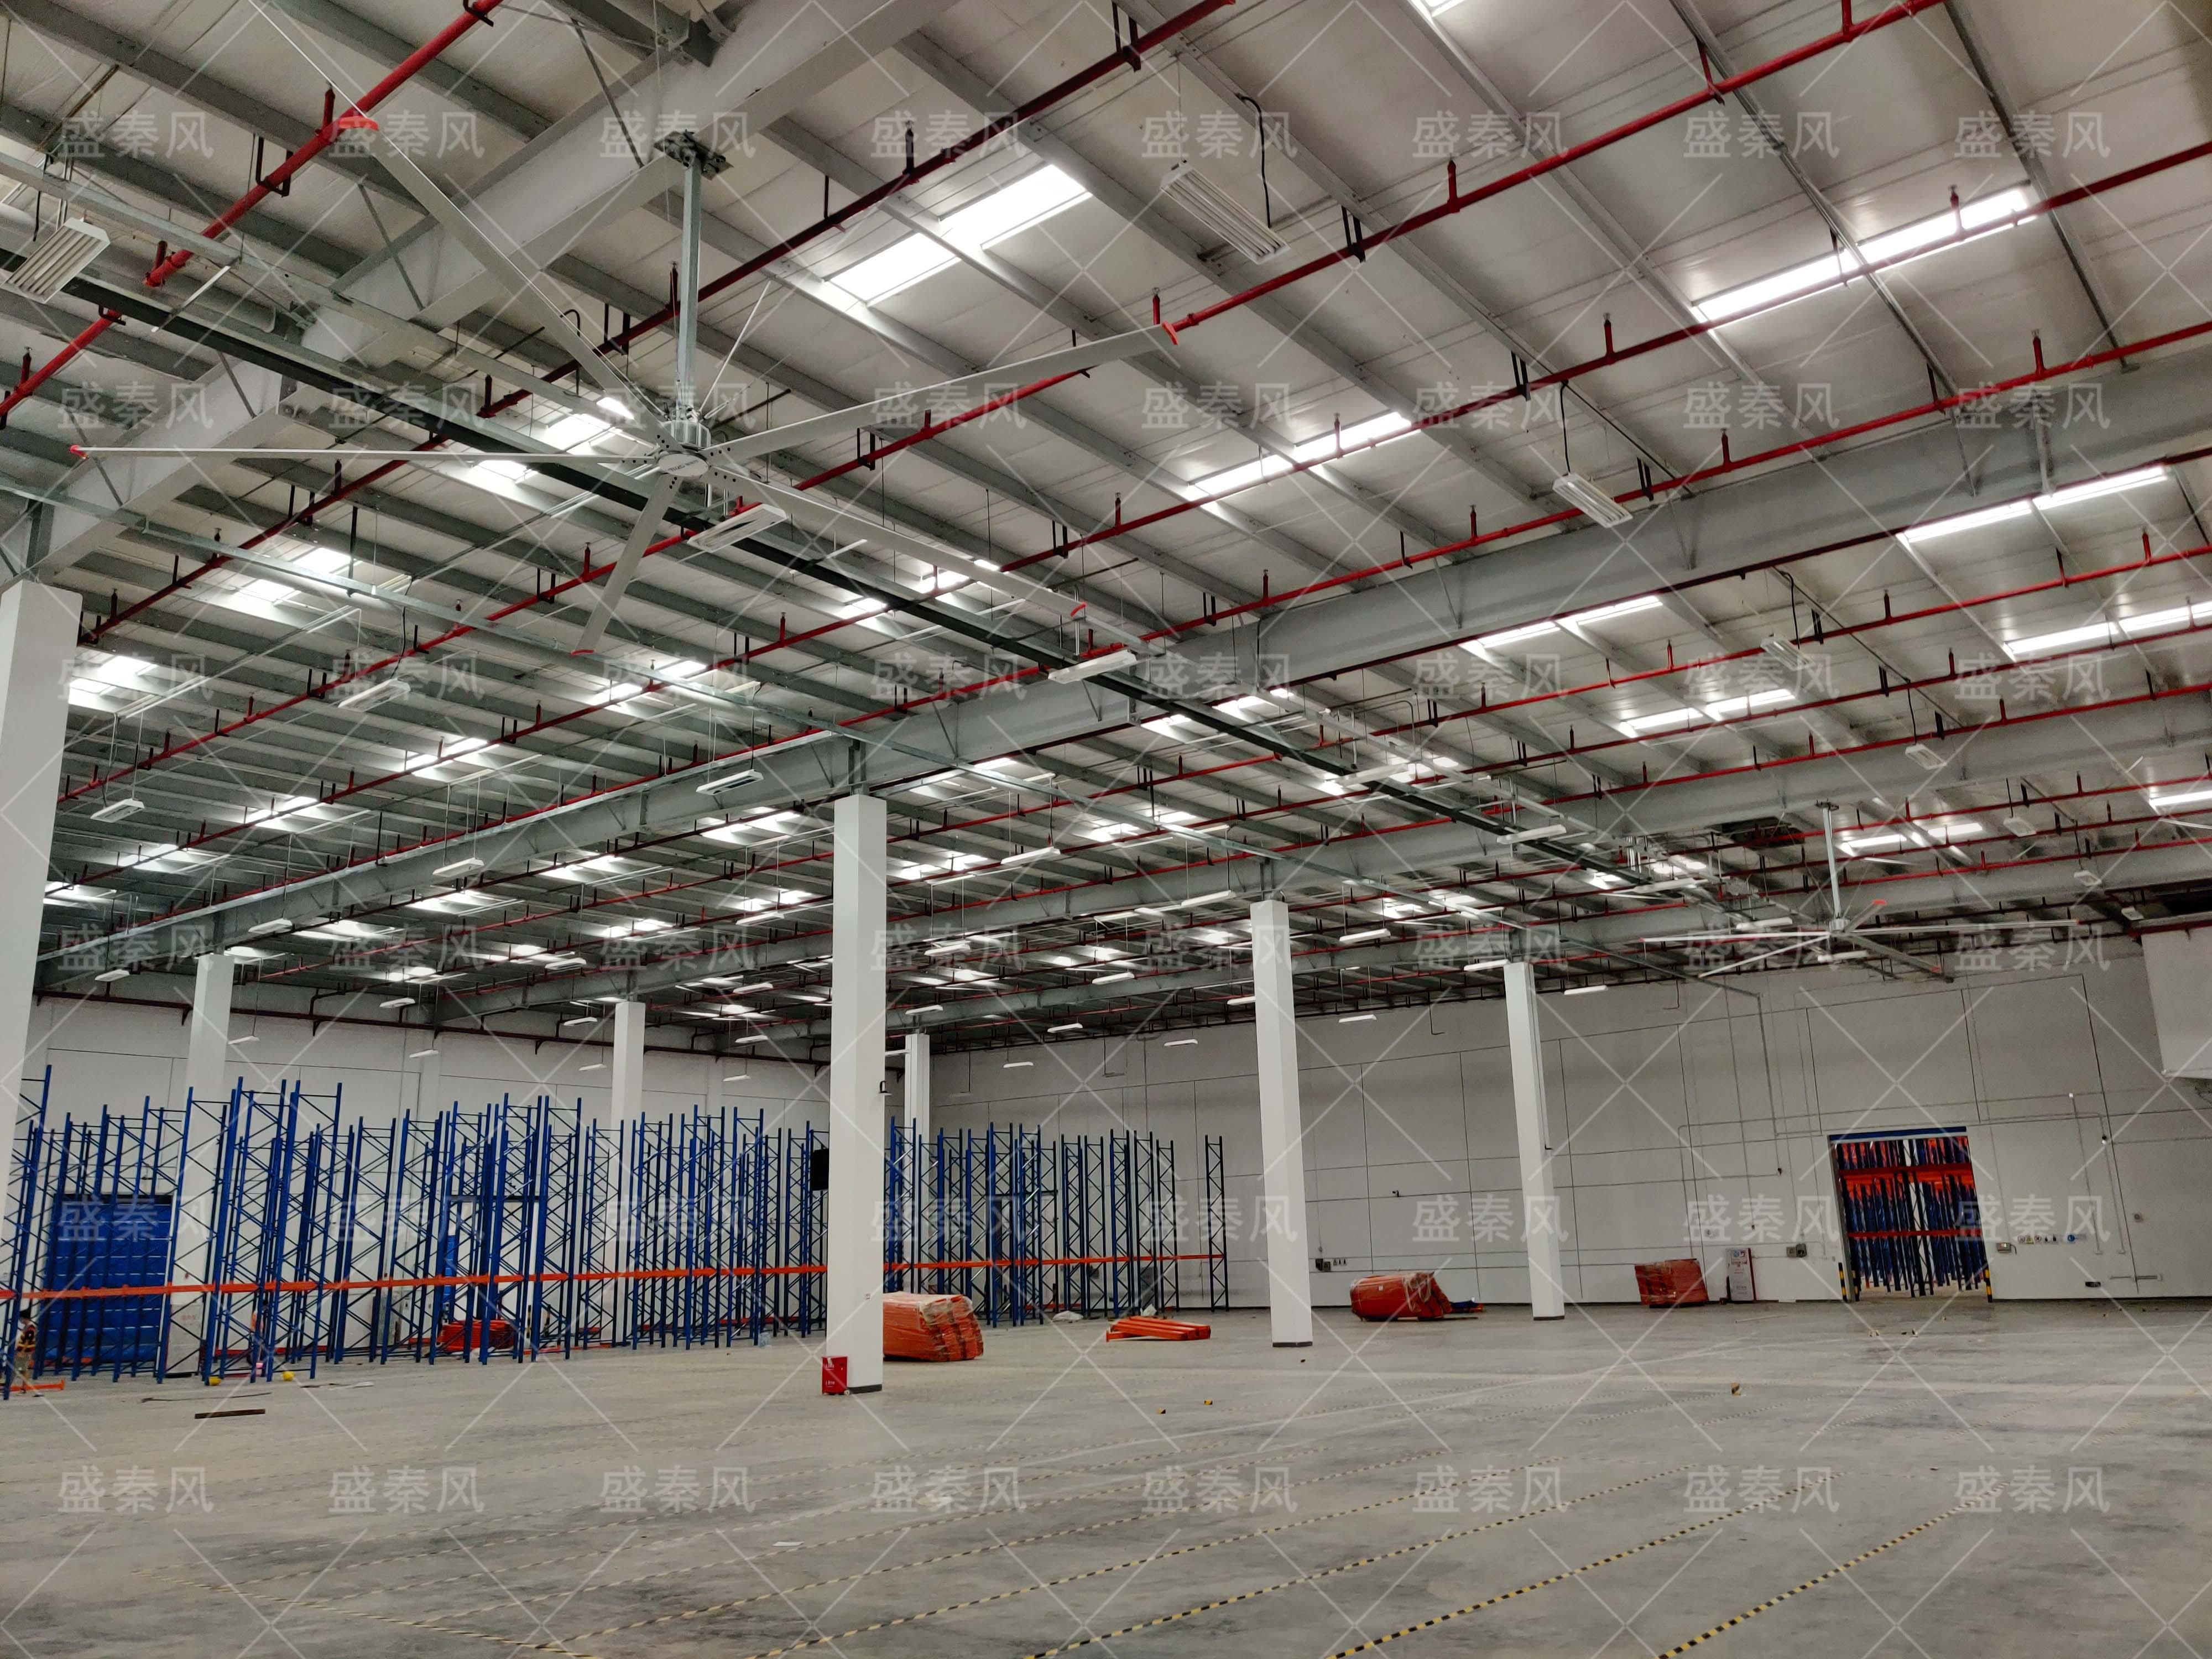 仓库安装工业大风扇风扇